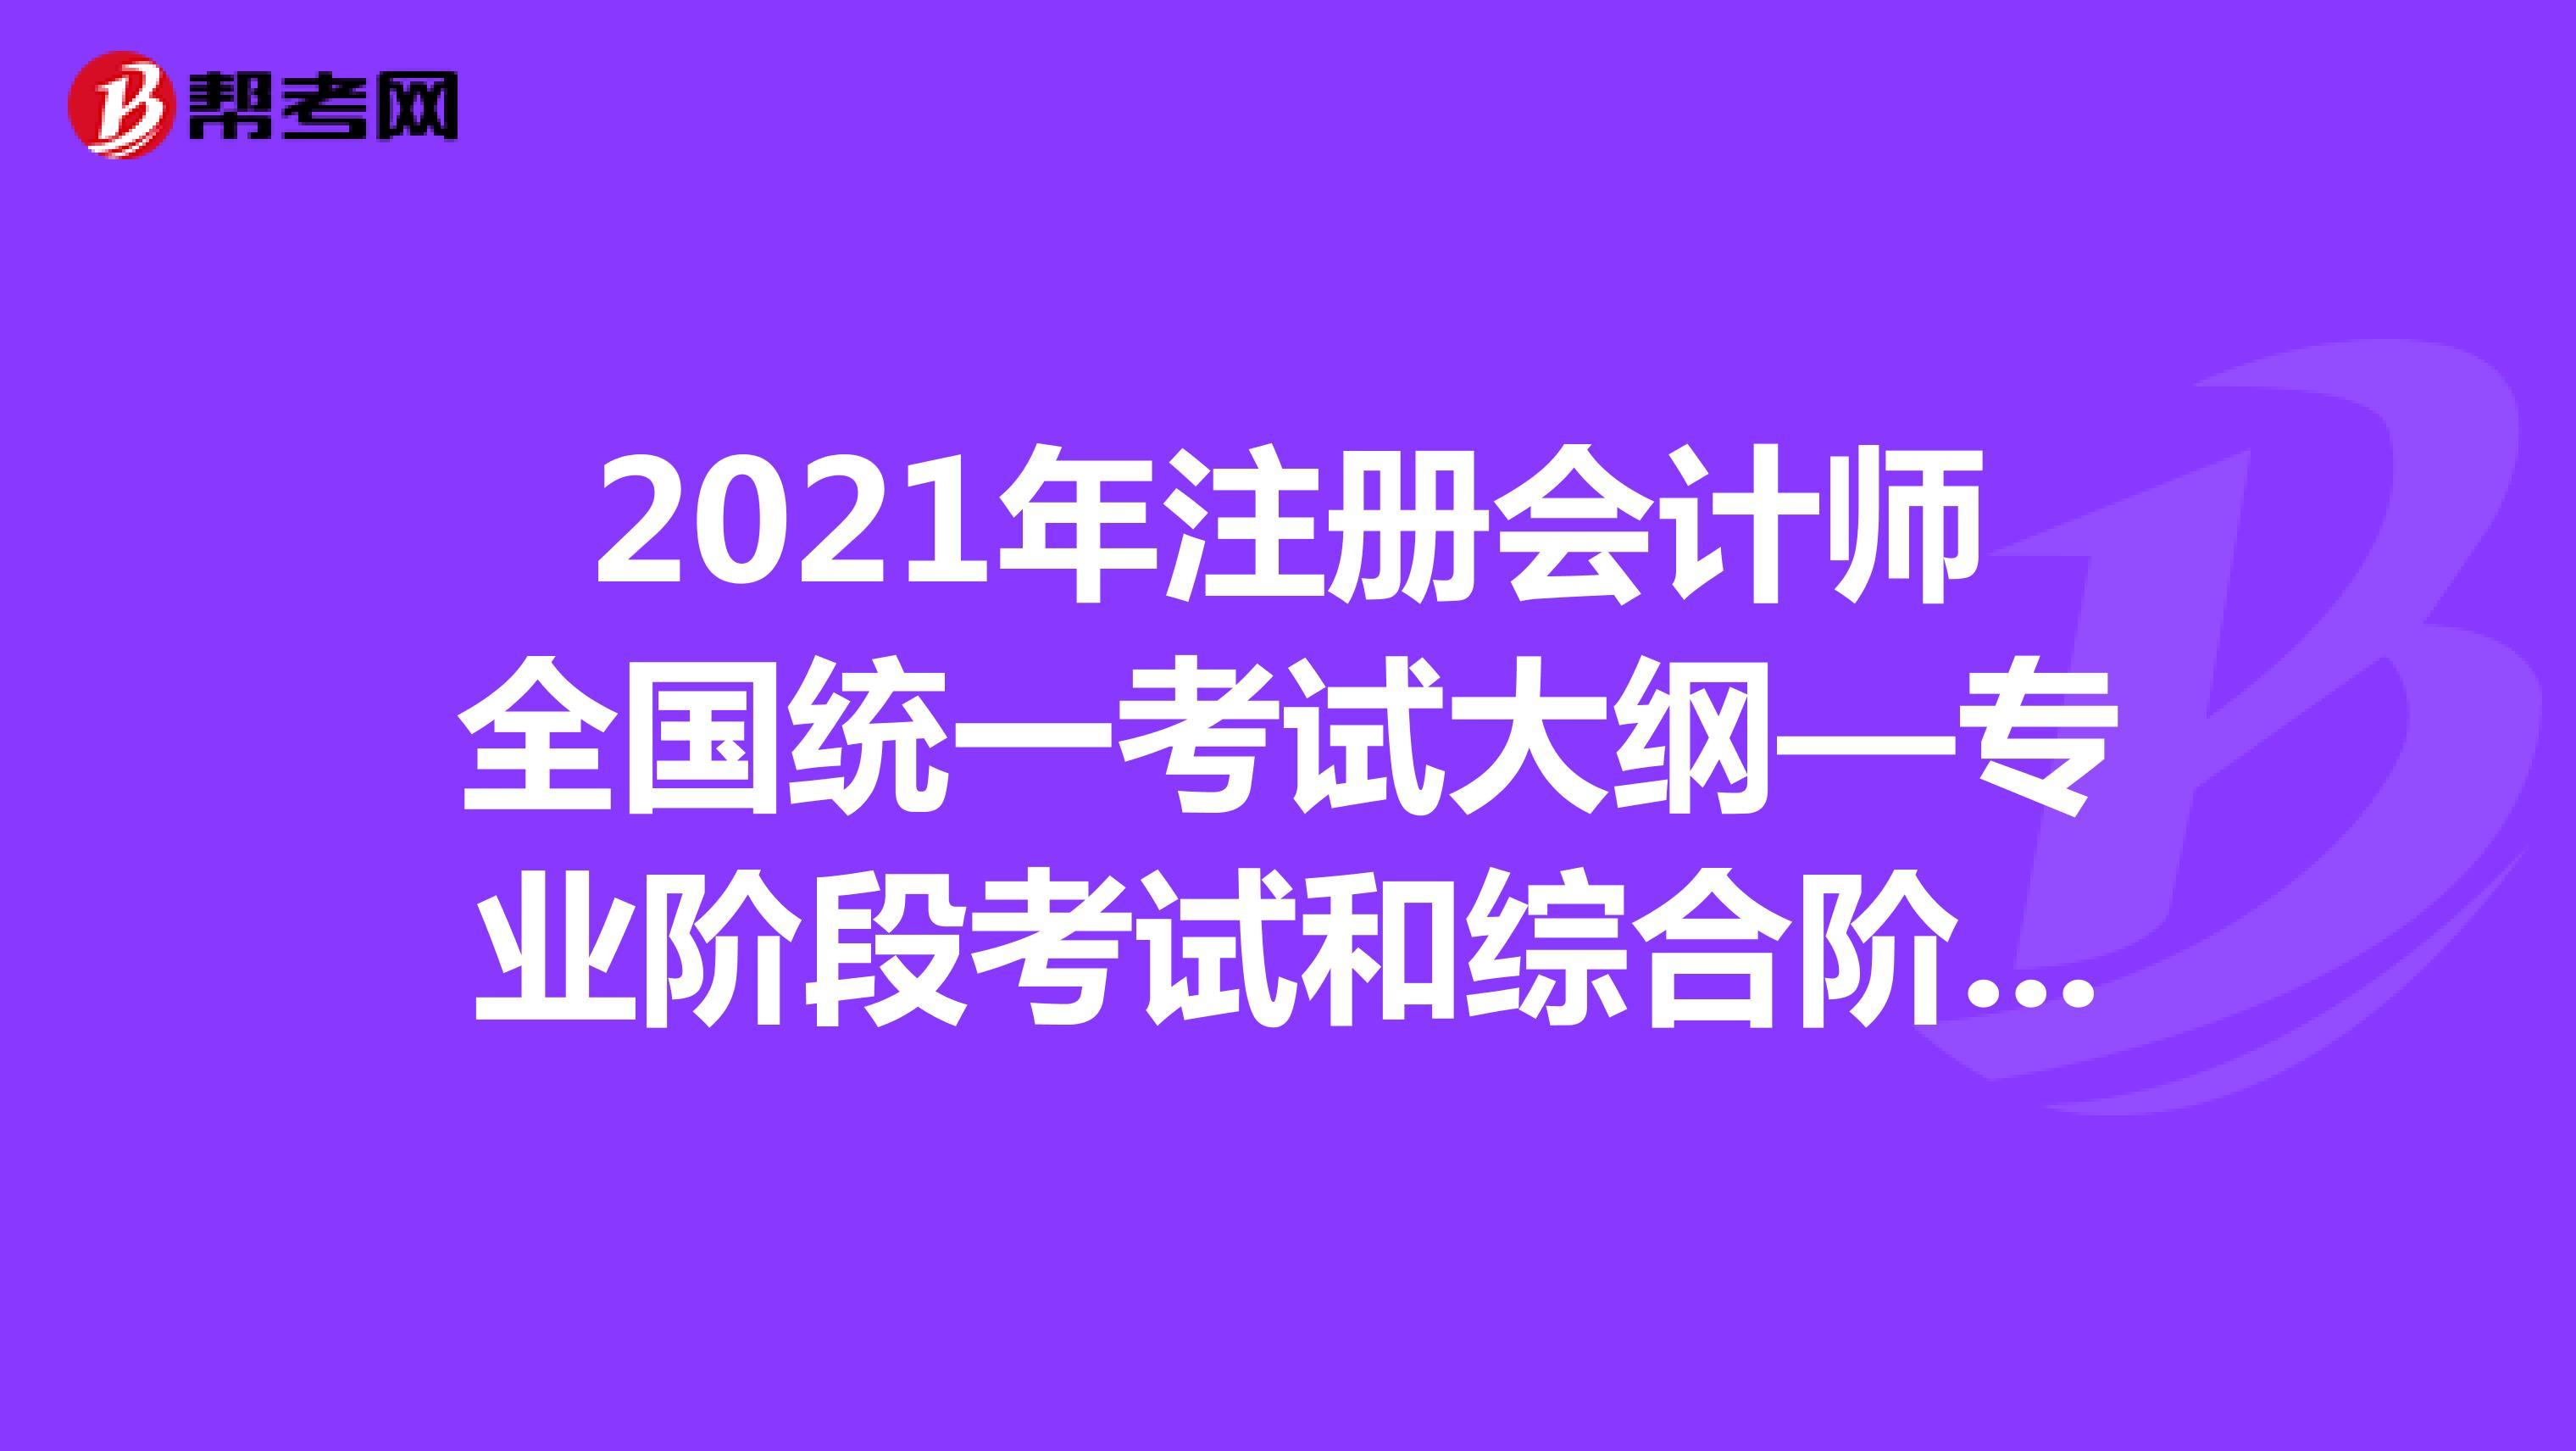 2021年注冊會計師寧夏考試大綱—專業階段考試和綜合階段考試的通知已發布